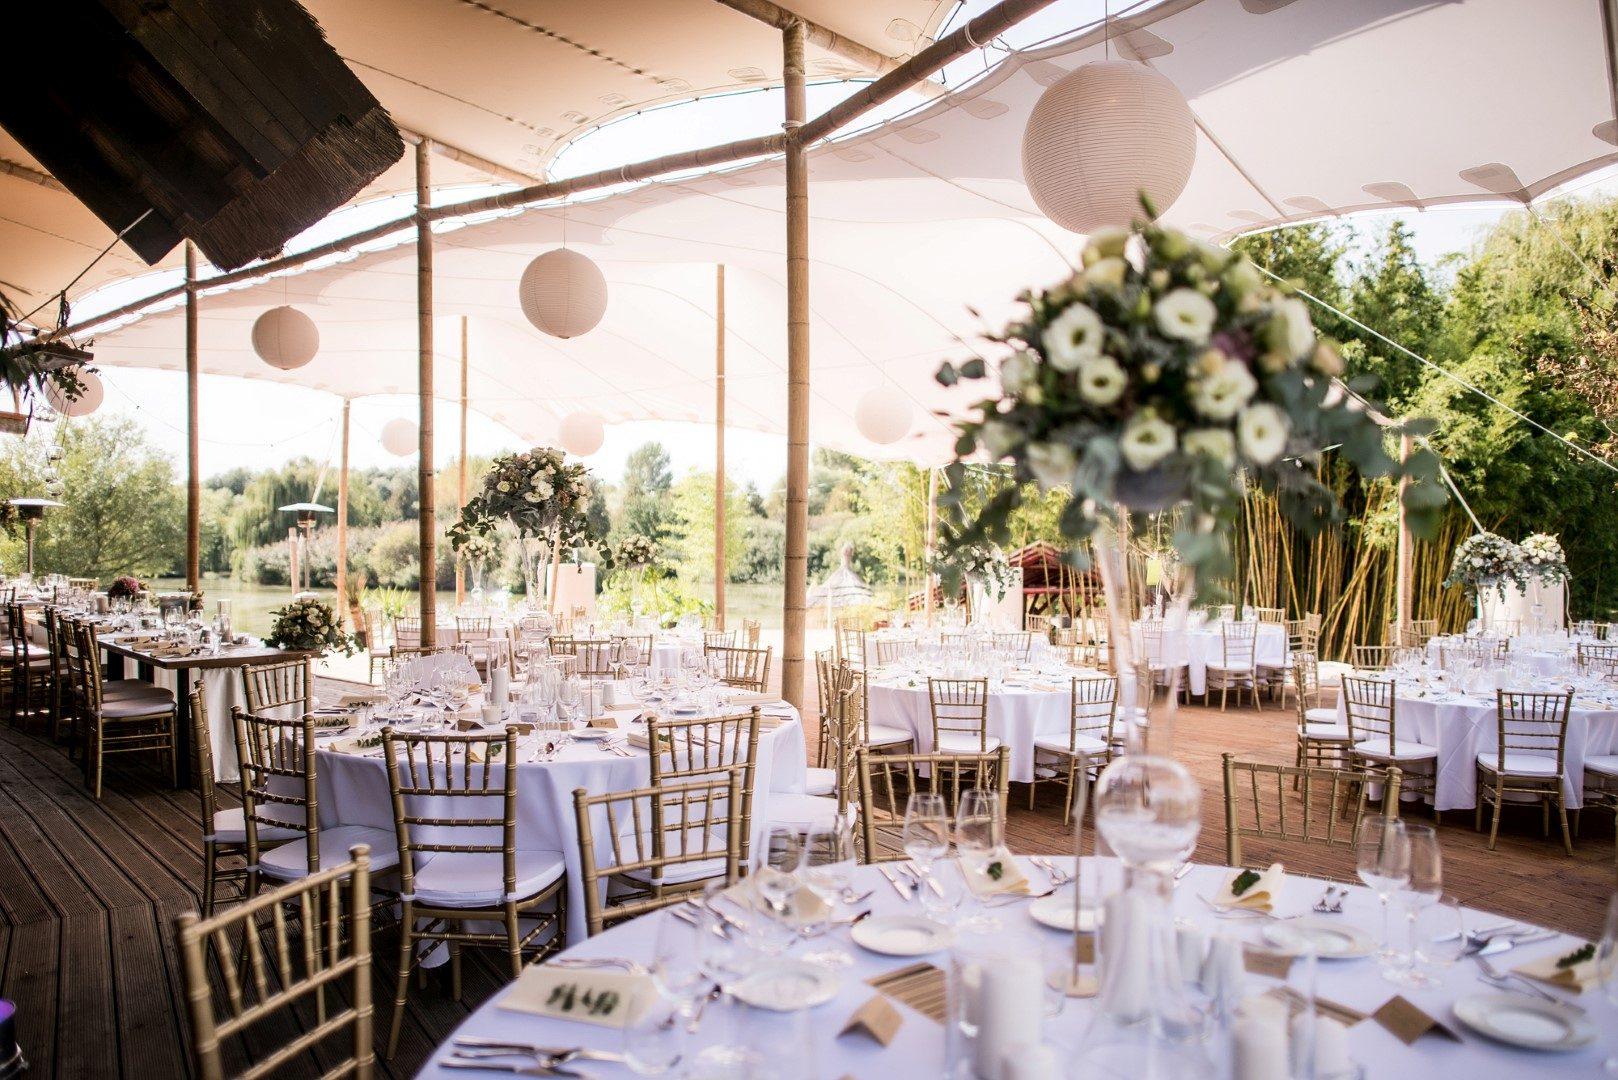 ,mátyusháza,valódi esküvő,play luna, esküvői helyszín,esküvő,helyszín,rendezvényhelyszín,